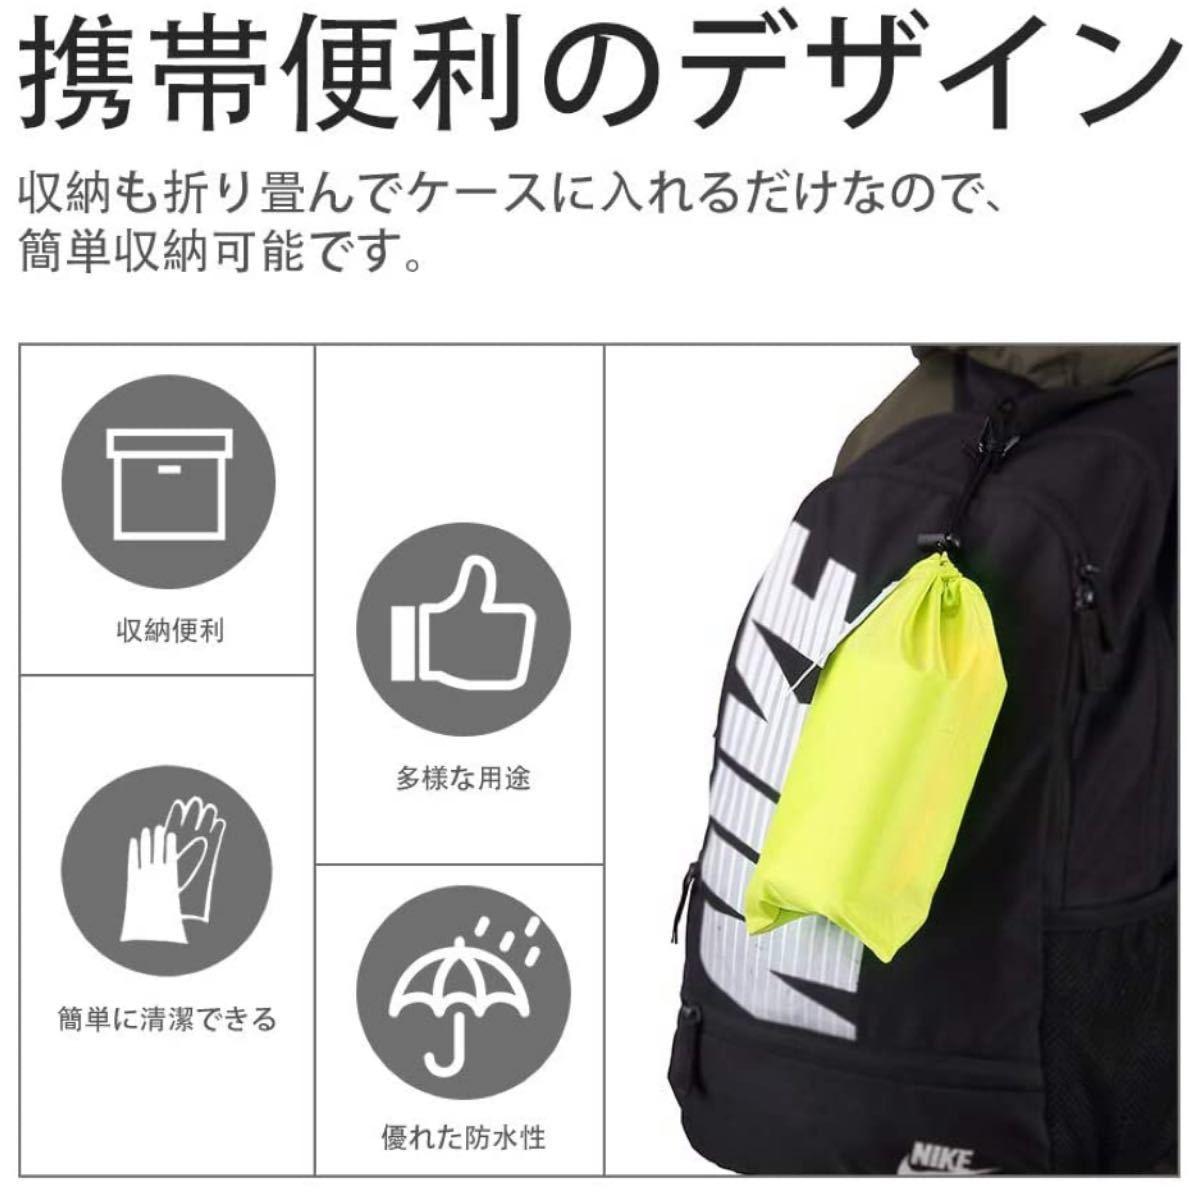 レジャーシート ピクニックシート 防水仕様 コンパクト収納便利 ポケット ペグ4本付き 軽量 折りたたみ テントシート 撥水加工